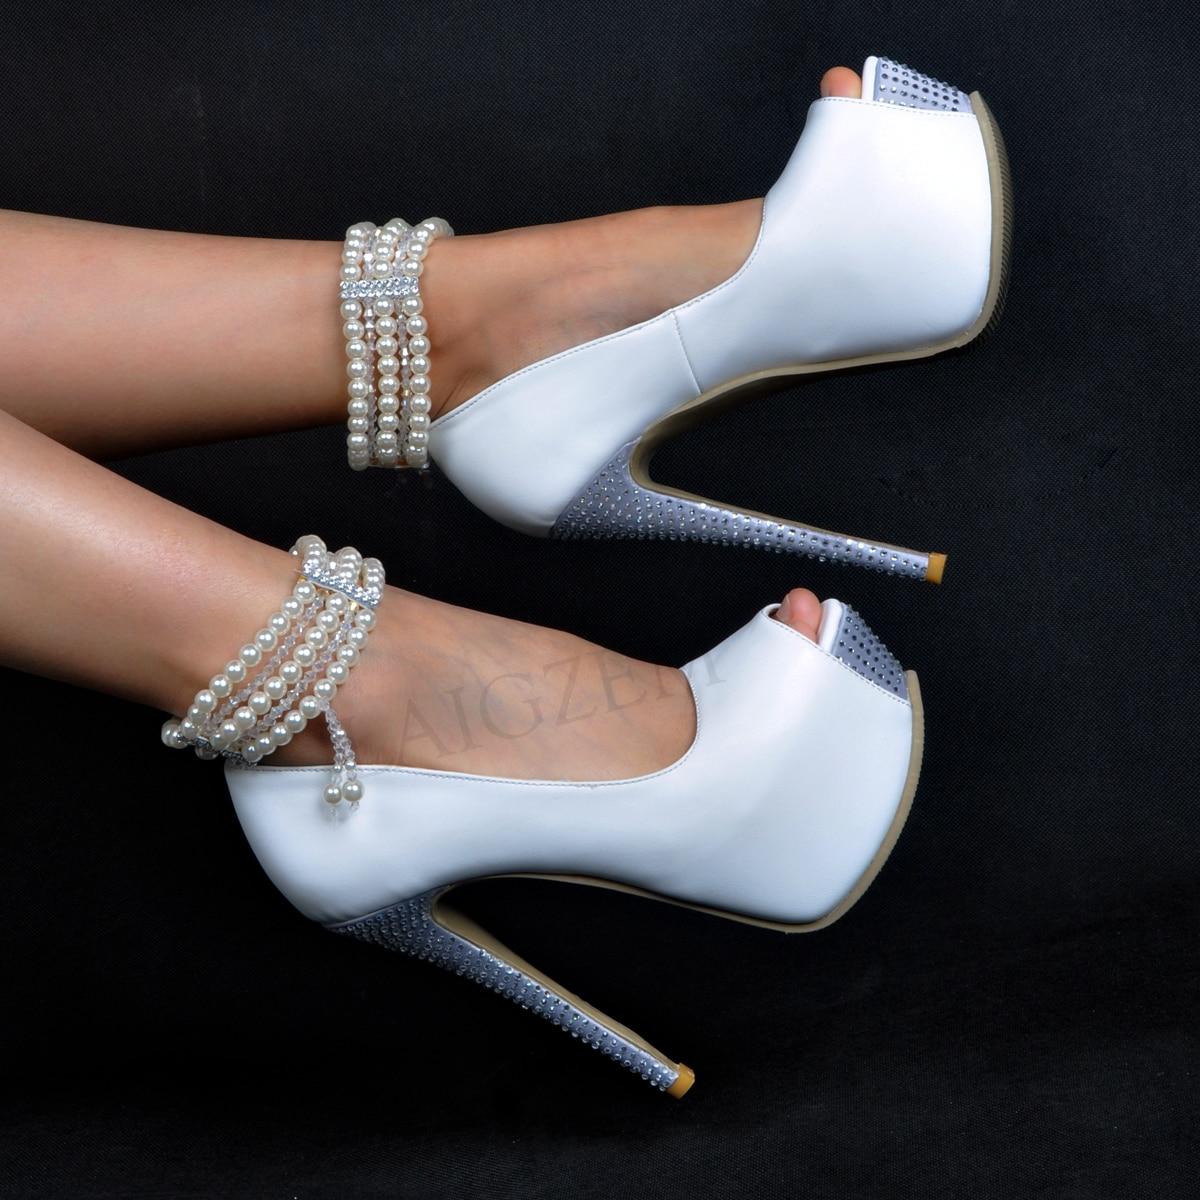 LAIGZEM Shoes Pumps Platform-Heels Pearl Autum Wedding Evening-Party Large-Size Peep-Toe